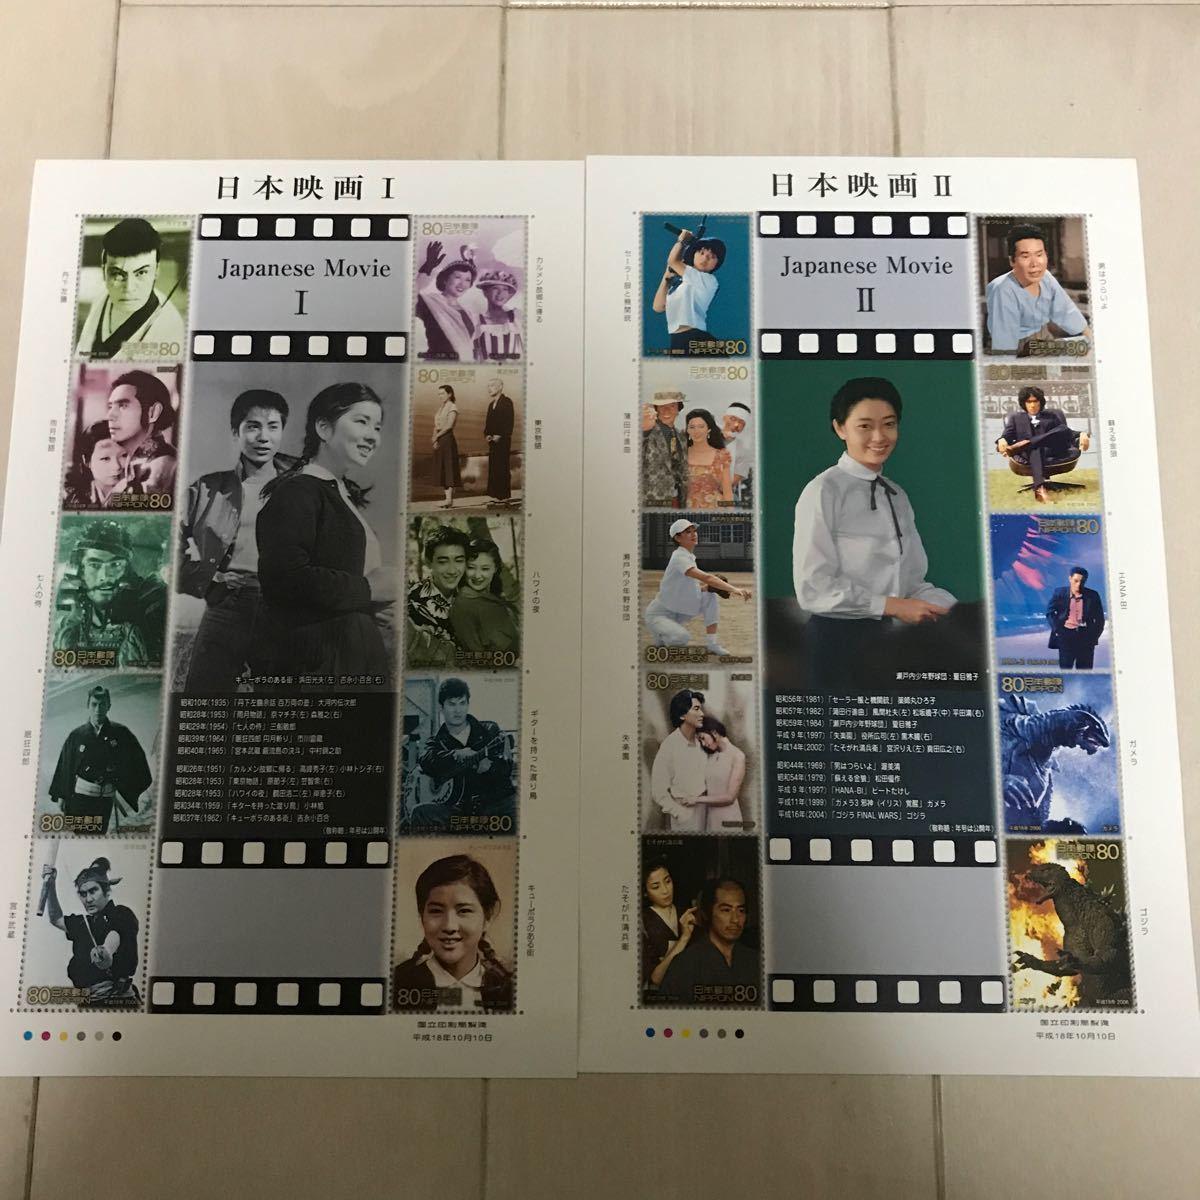 切手 切手シート 記念切手 日本映画 映画 吉永小百合 夏目雅子  三船敏郎